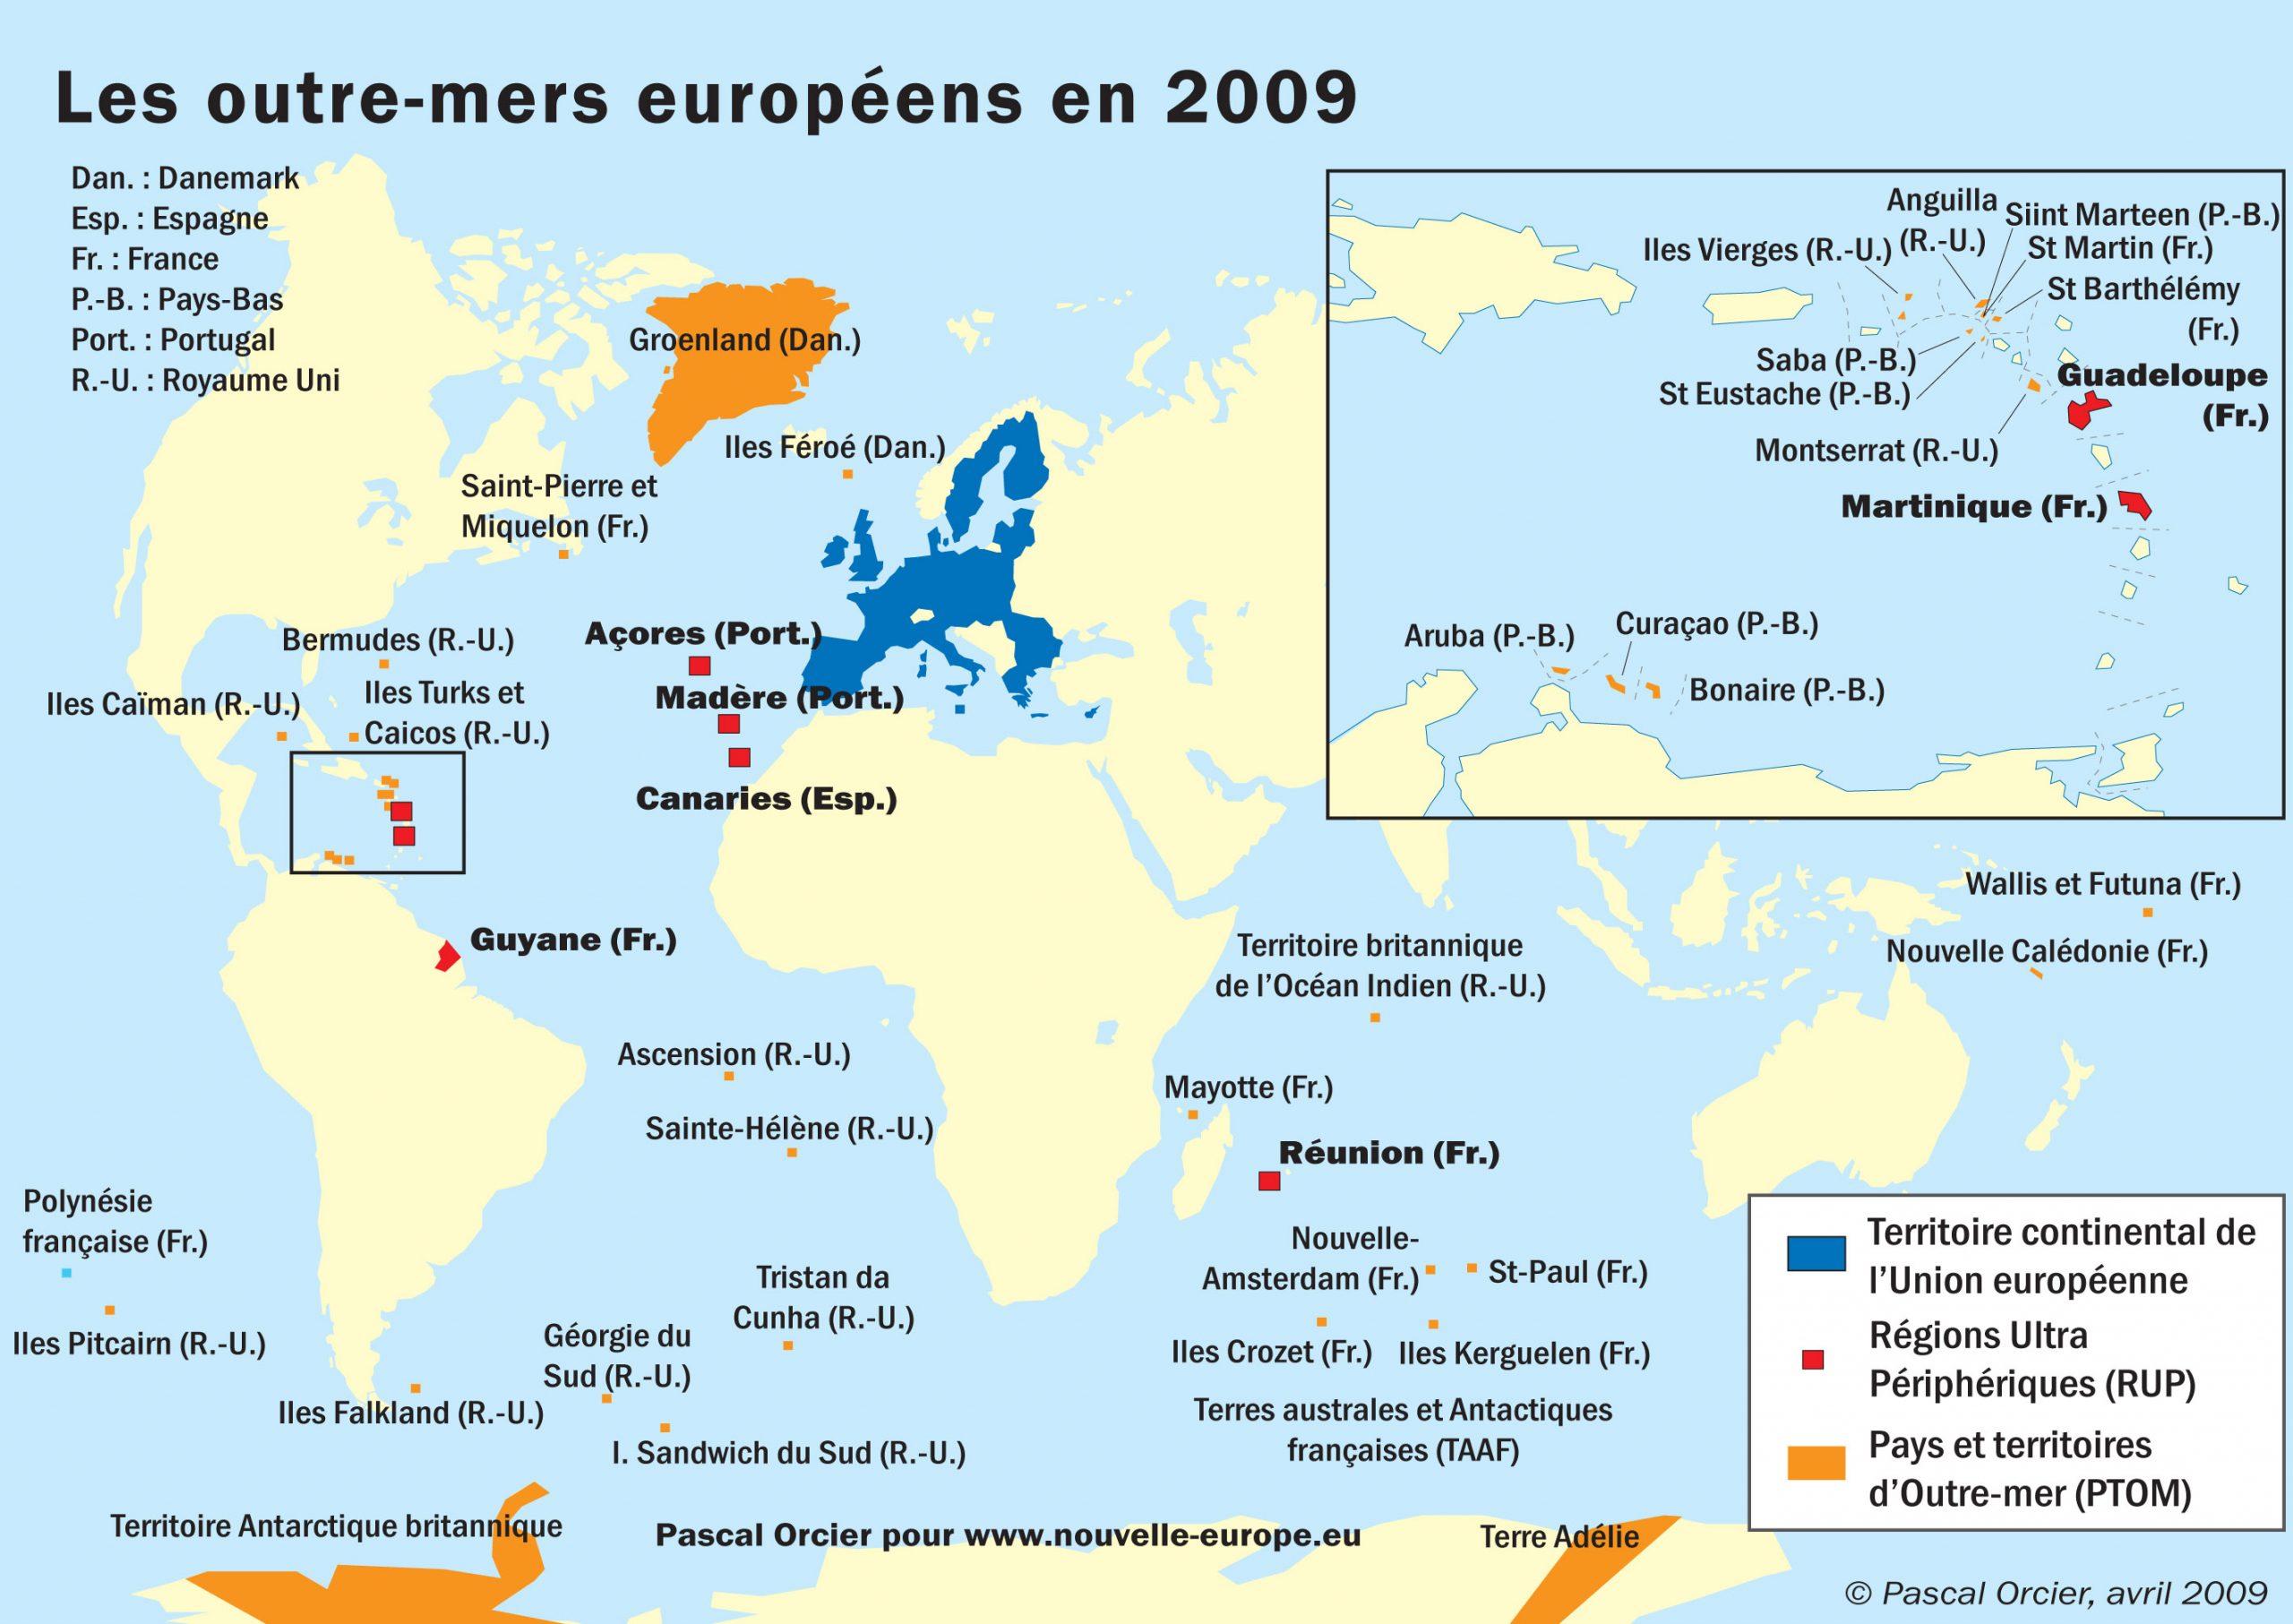 Mayotte, Prochain Territoire À Devenir Européen ? | Nouvelle concernant France Territoires D Outre Mer